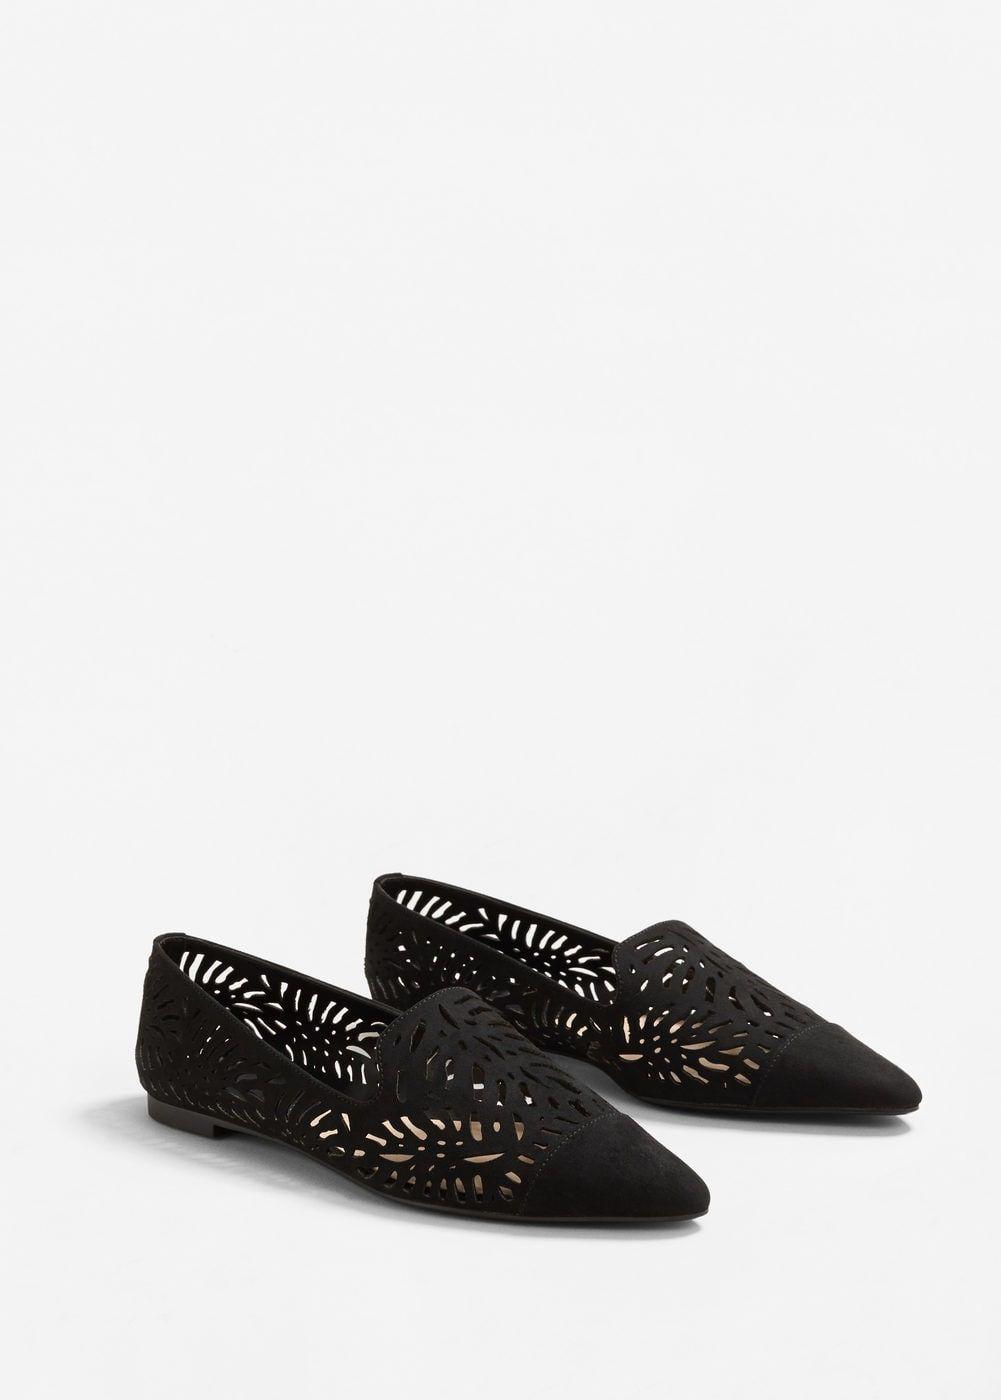 e8eccdaa83 Zapato diseño troquelado - Zapatos de Mujer